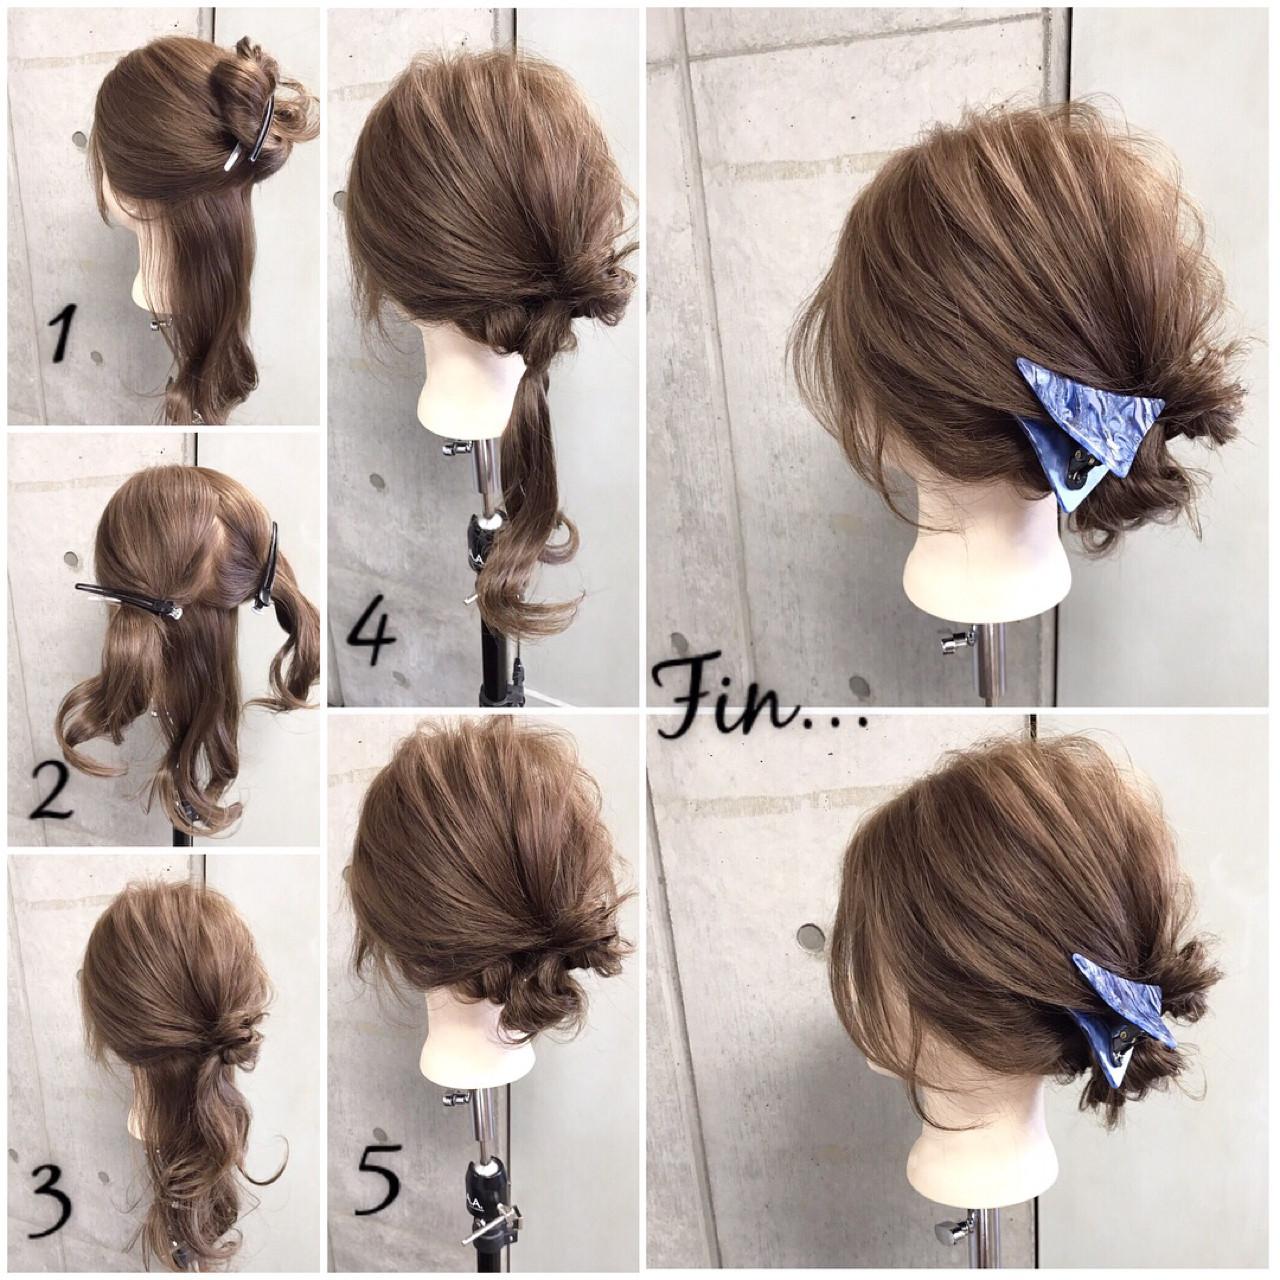 ヘアアレンジ セミロング 和装 簡単 ヘアスタイルや髪型の写真・画像